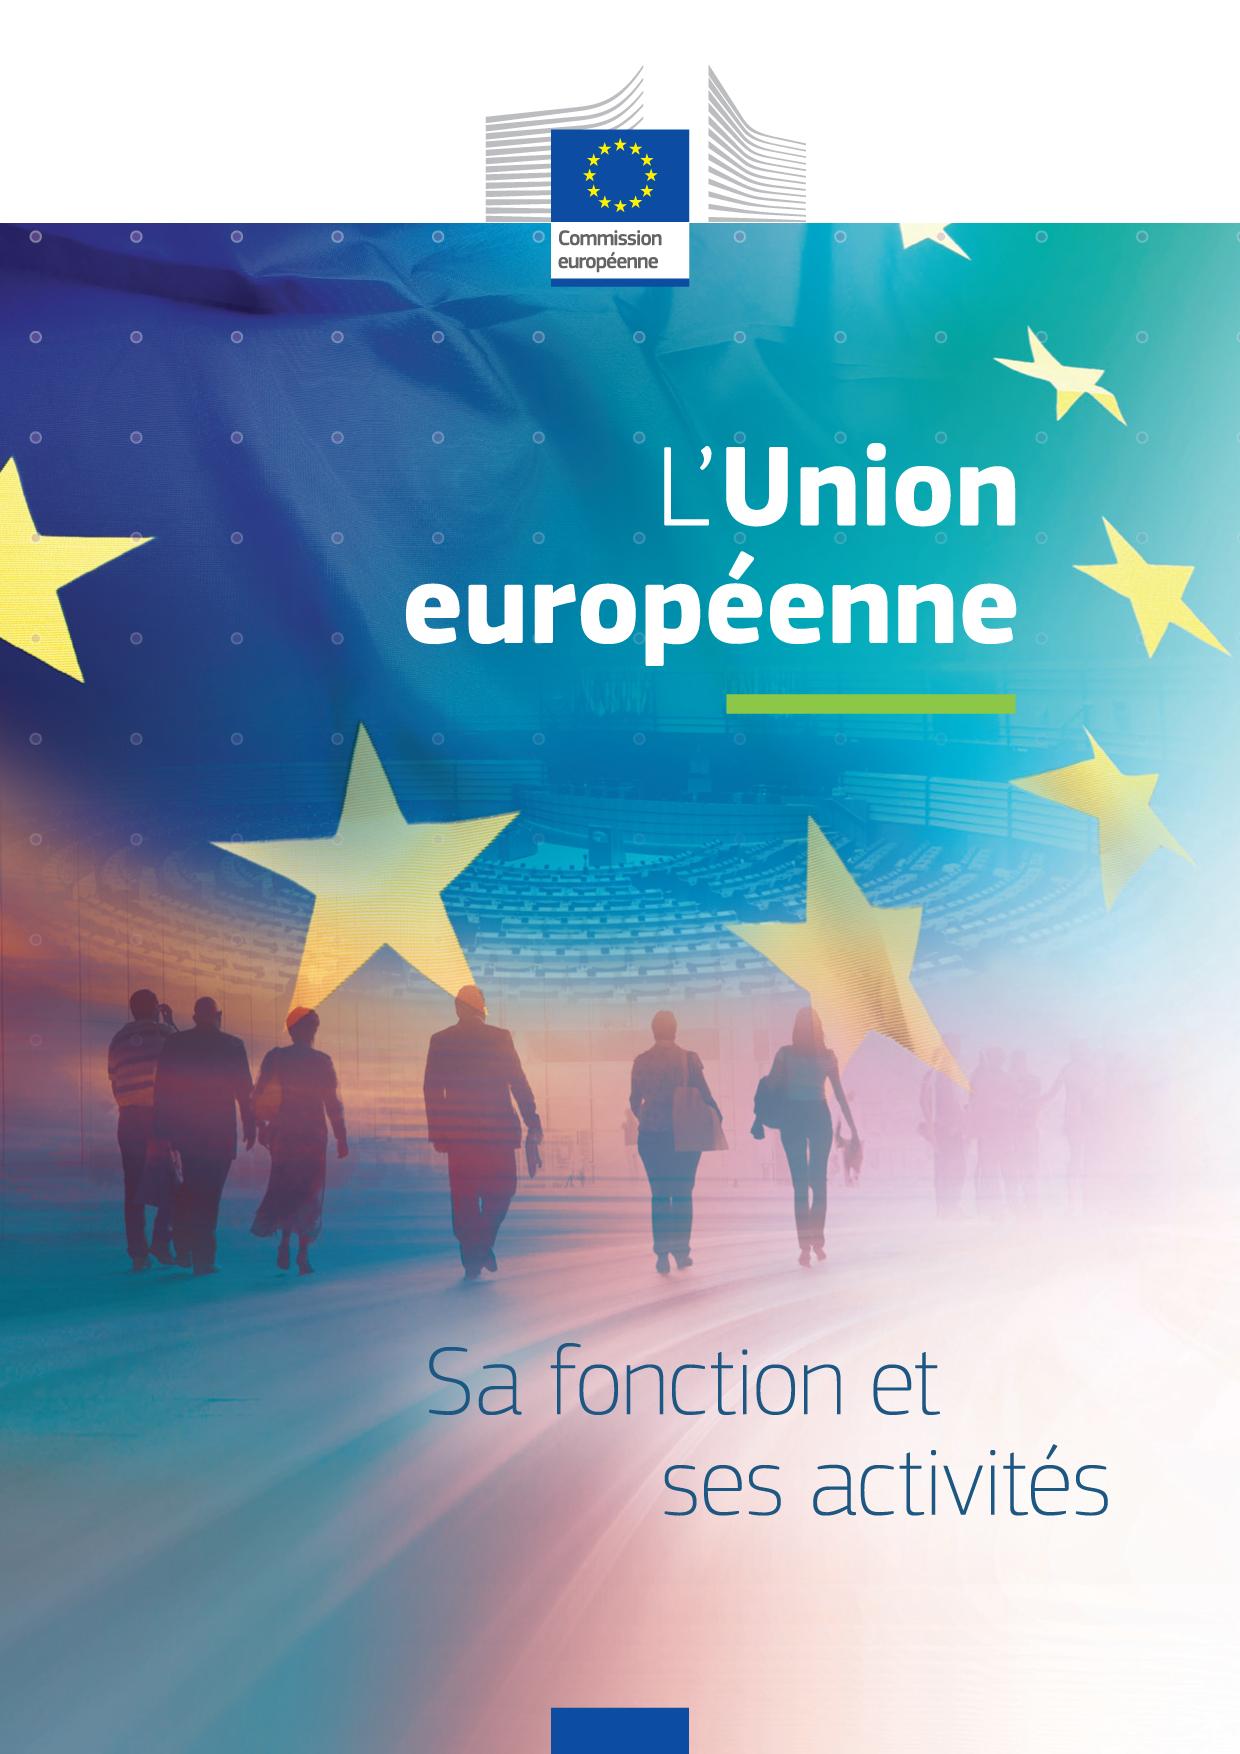 L'Union européenne: sa fonction, ses activités